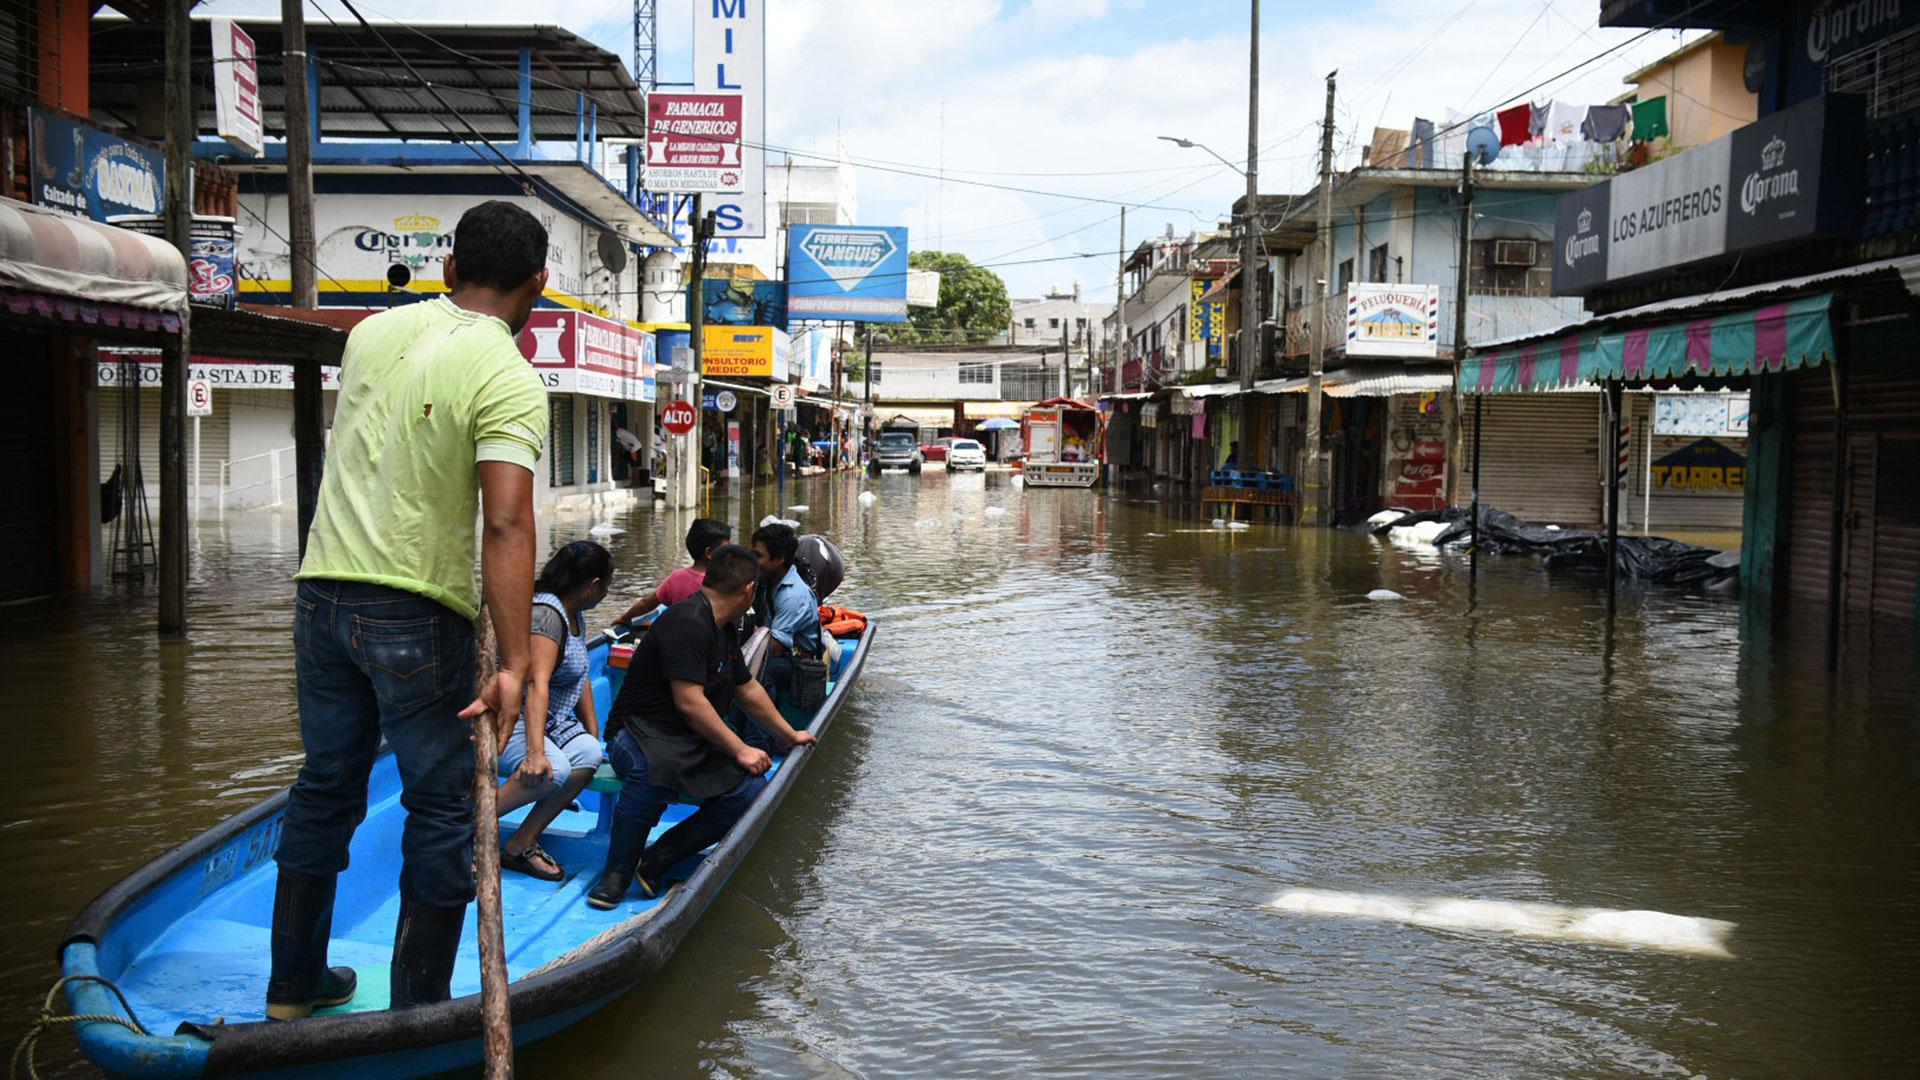 Inundaciones en México tras el paso del huracán (EFE)